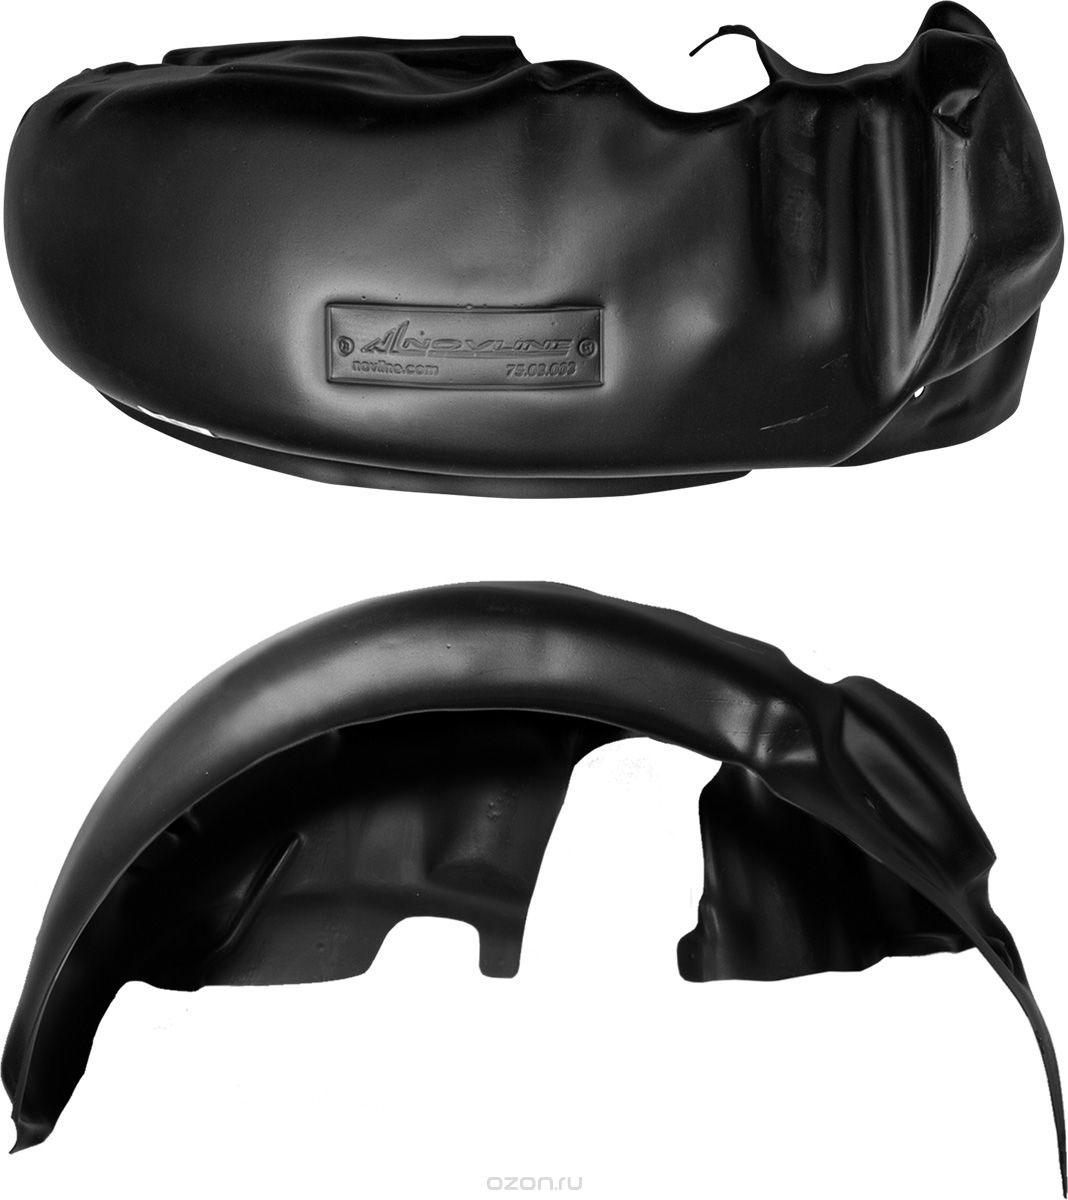 Подкрылок Novline-Autofamily, для CHEVROLET Aveo 2008->, хб., задний левый44005003Идеальная защита колесной ниши. Локеры разработаны с применением цифровых технологий, гарантируют максимальную повторяемость поверхности арки. Изделия устанавливаются без нарушения лакокрасочного покрытия автомобиля, каждый подкрылок комплектуется крепежом. Уважаемые клиенты, обращаем ваше внимание, что фотографии на подкрылки универсальные и не отражают реальную форму изделия. При этом само изделие идет точно под размер указанного автомобиля.